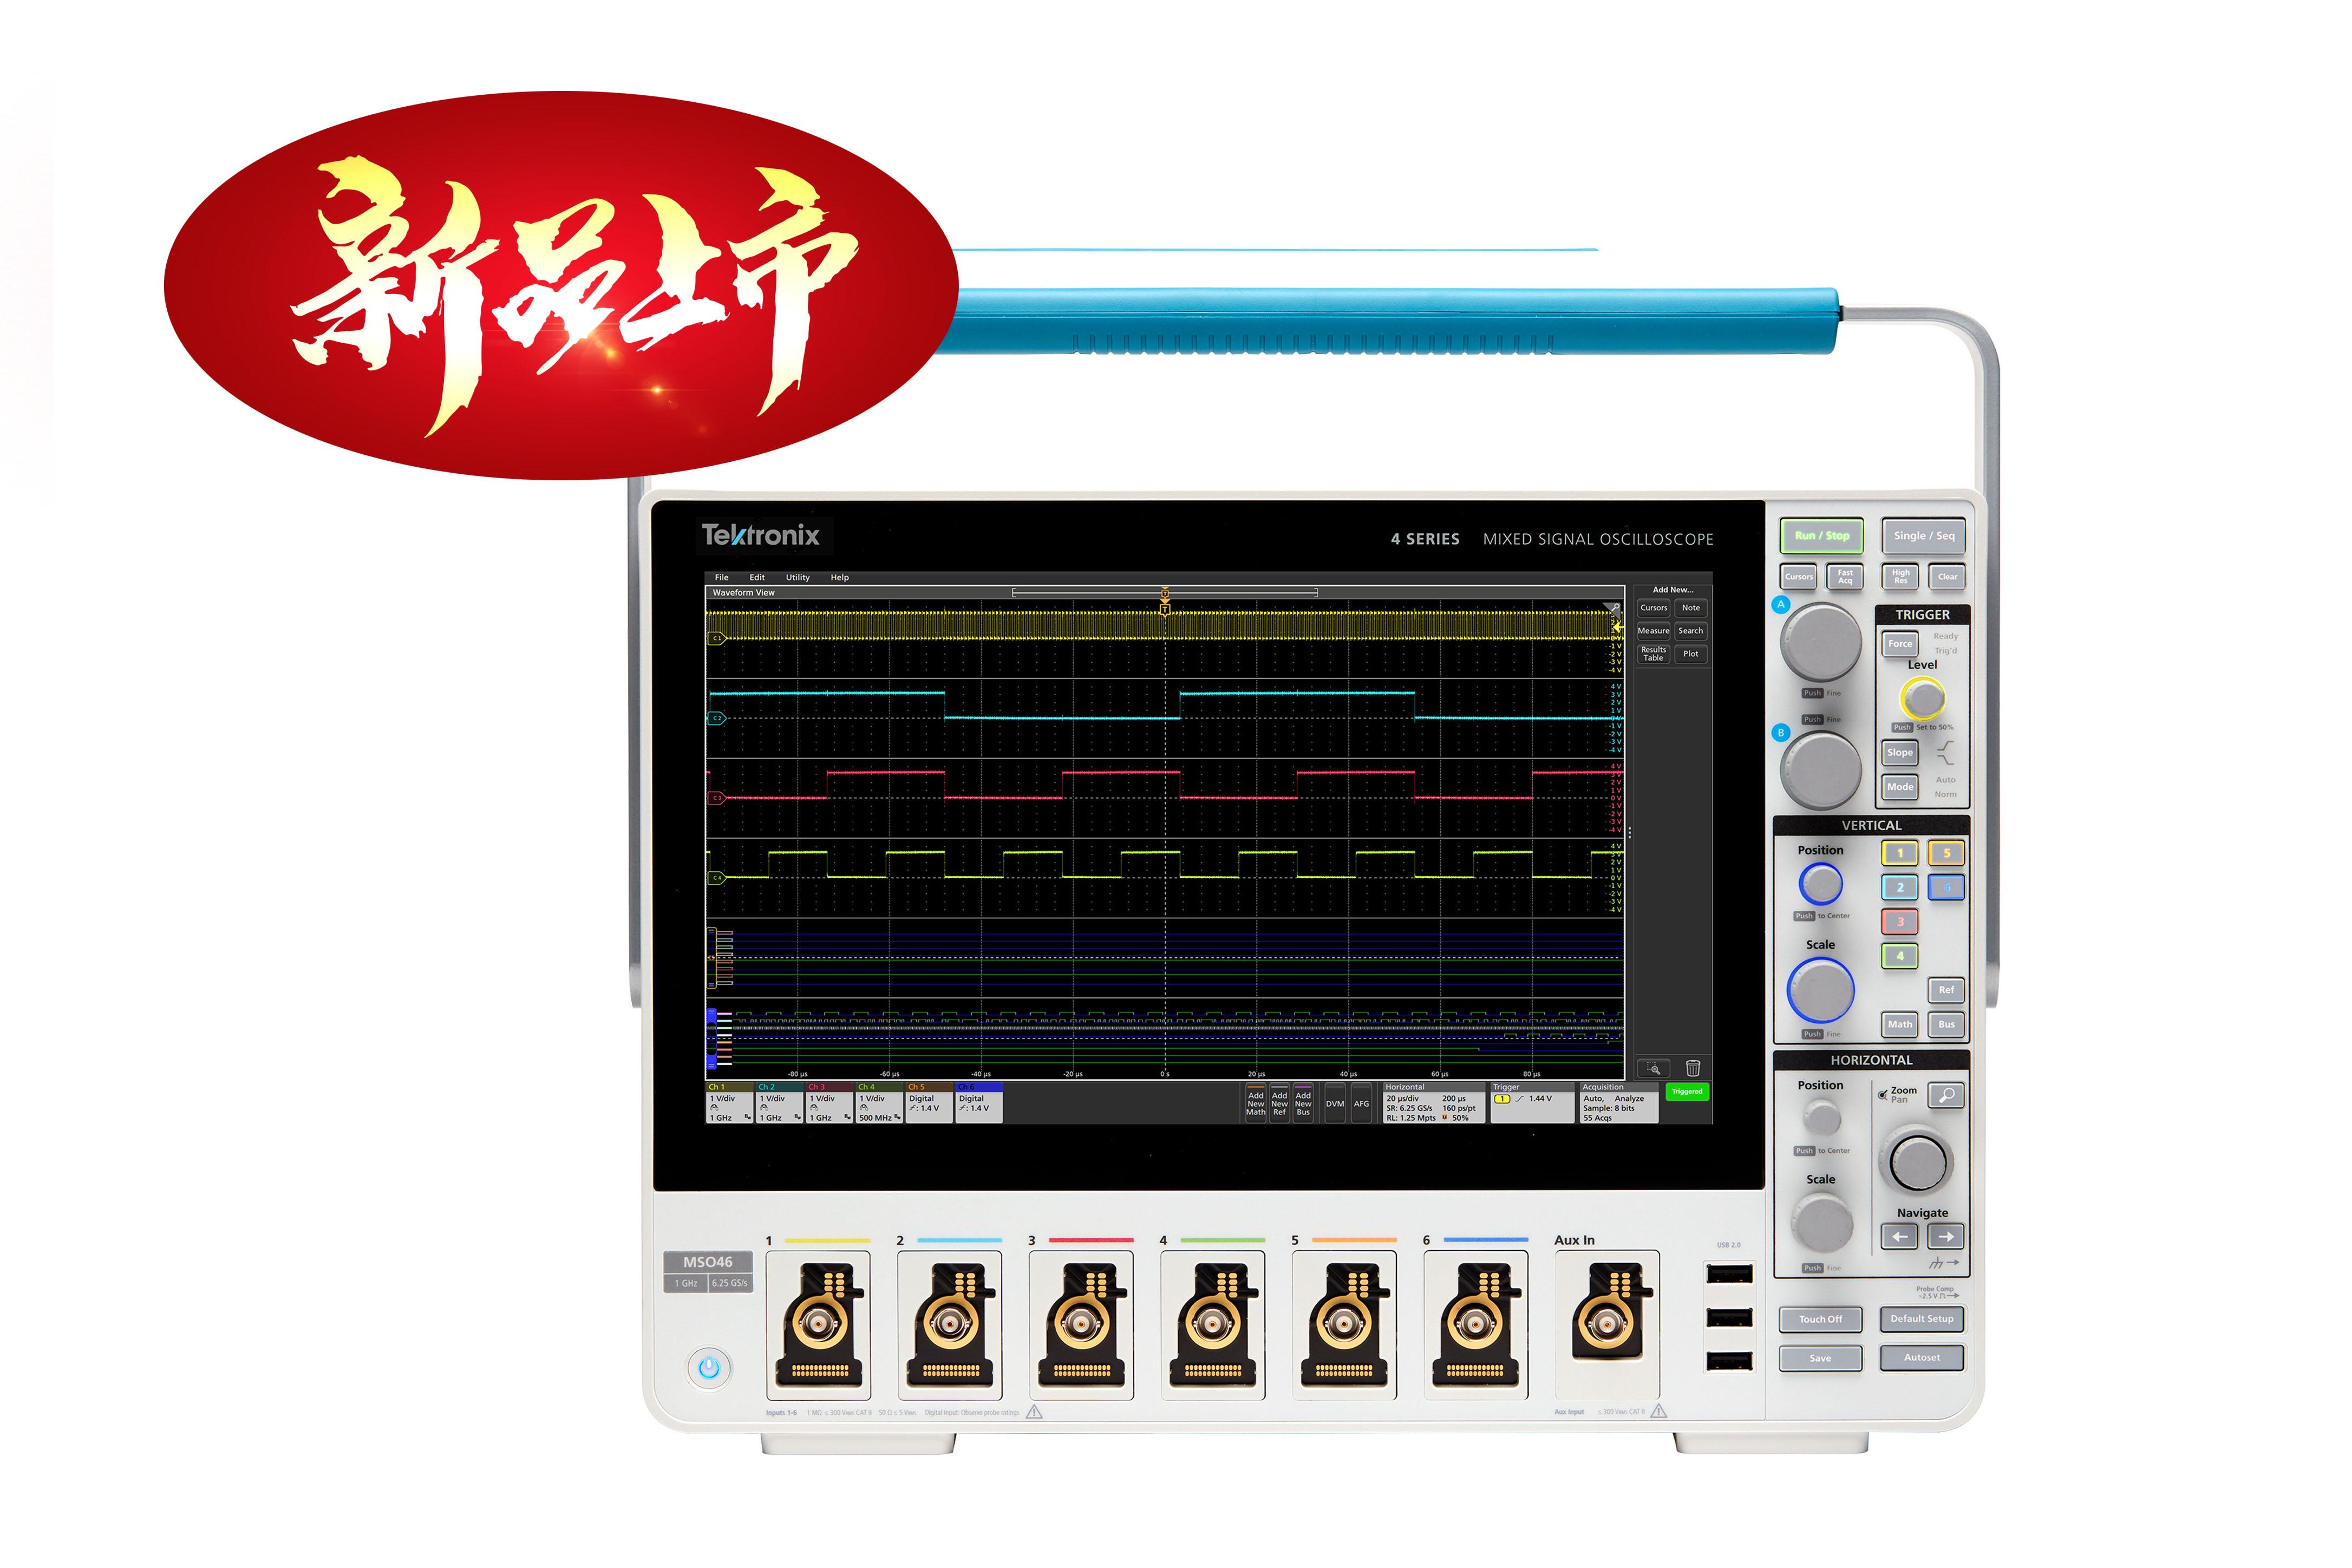 泰克全新4系列MSO混合信号示波器